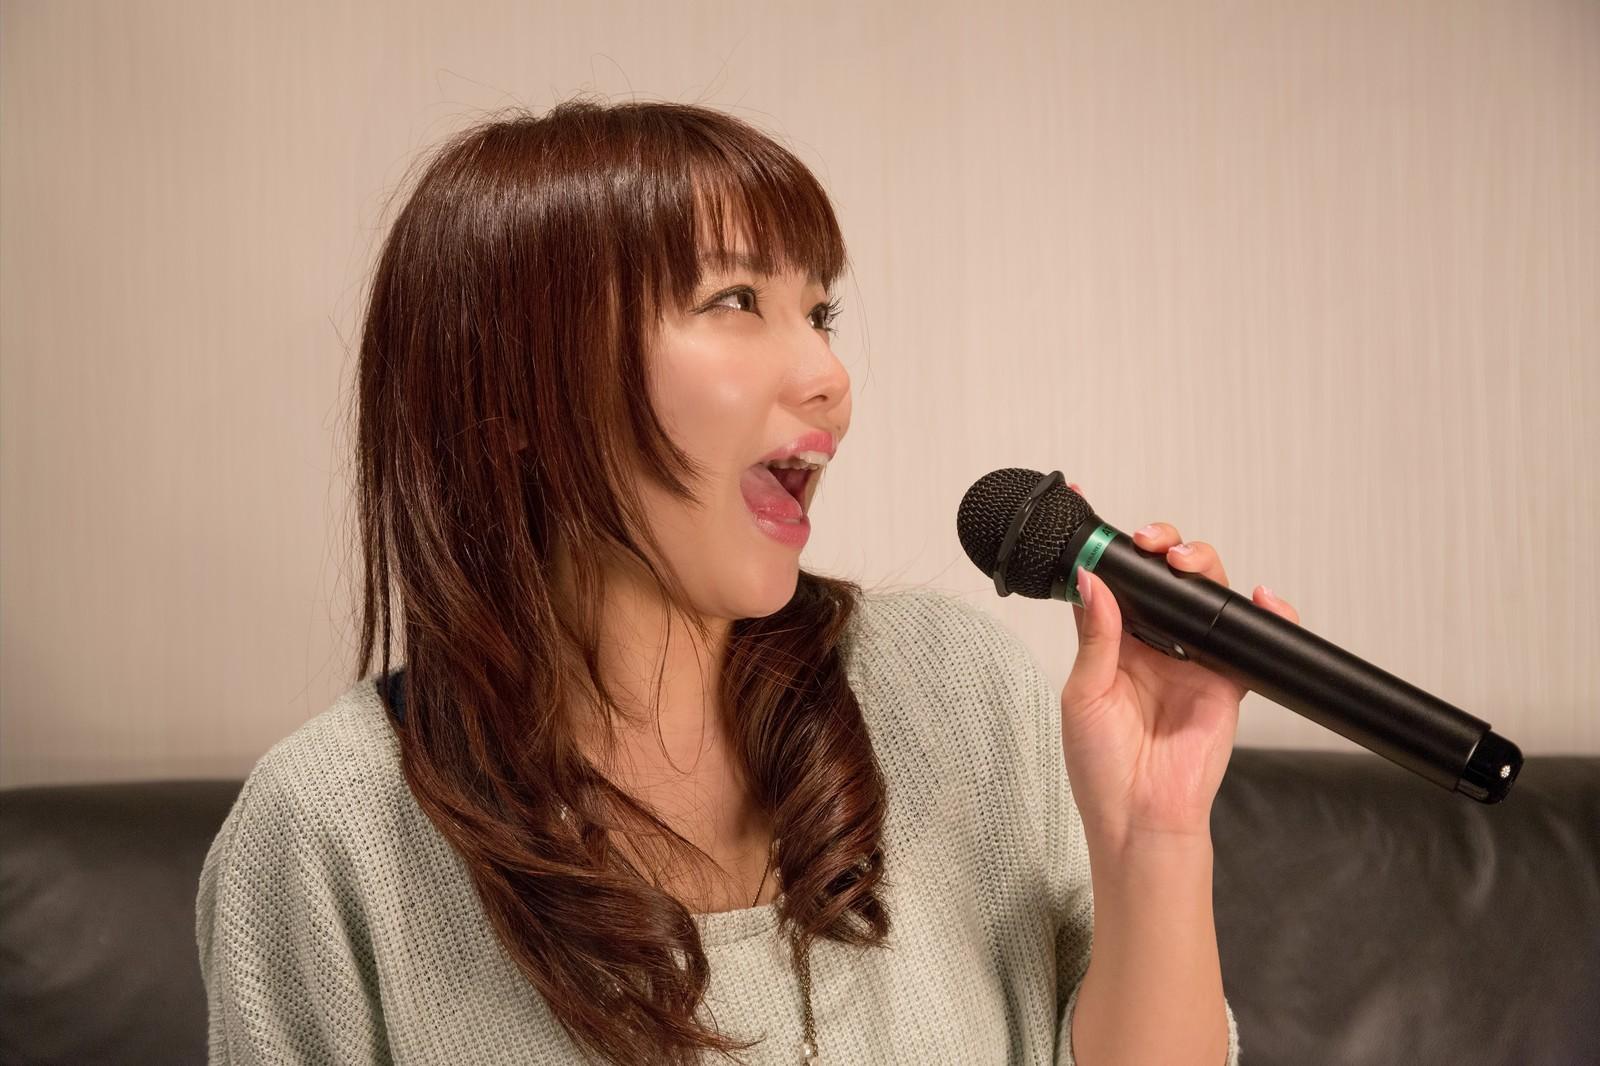 【カラオケ】「声」だけは圧倒的に女性が有利だよな